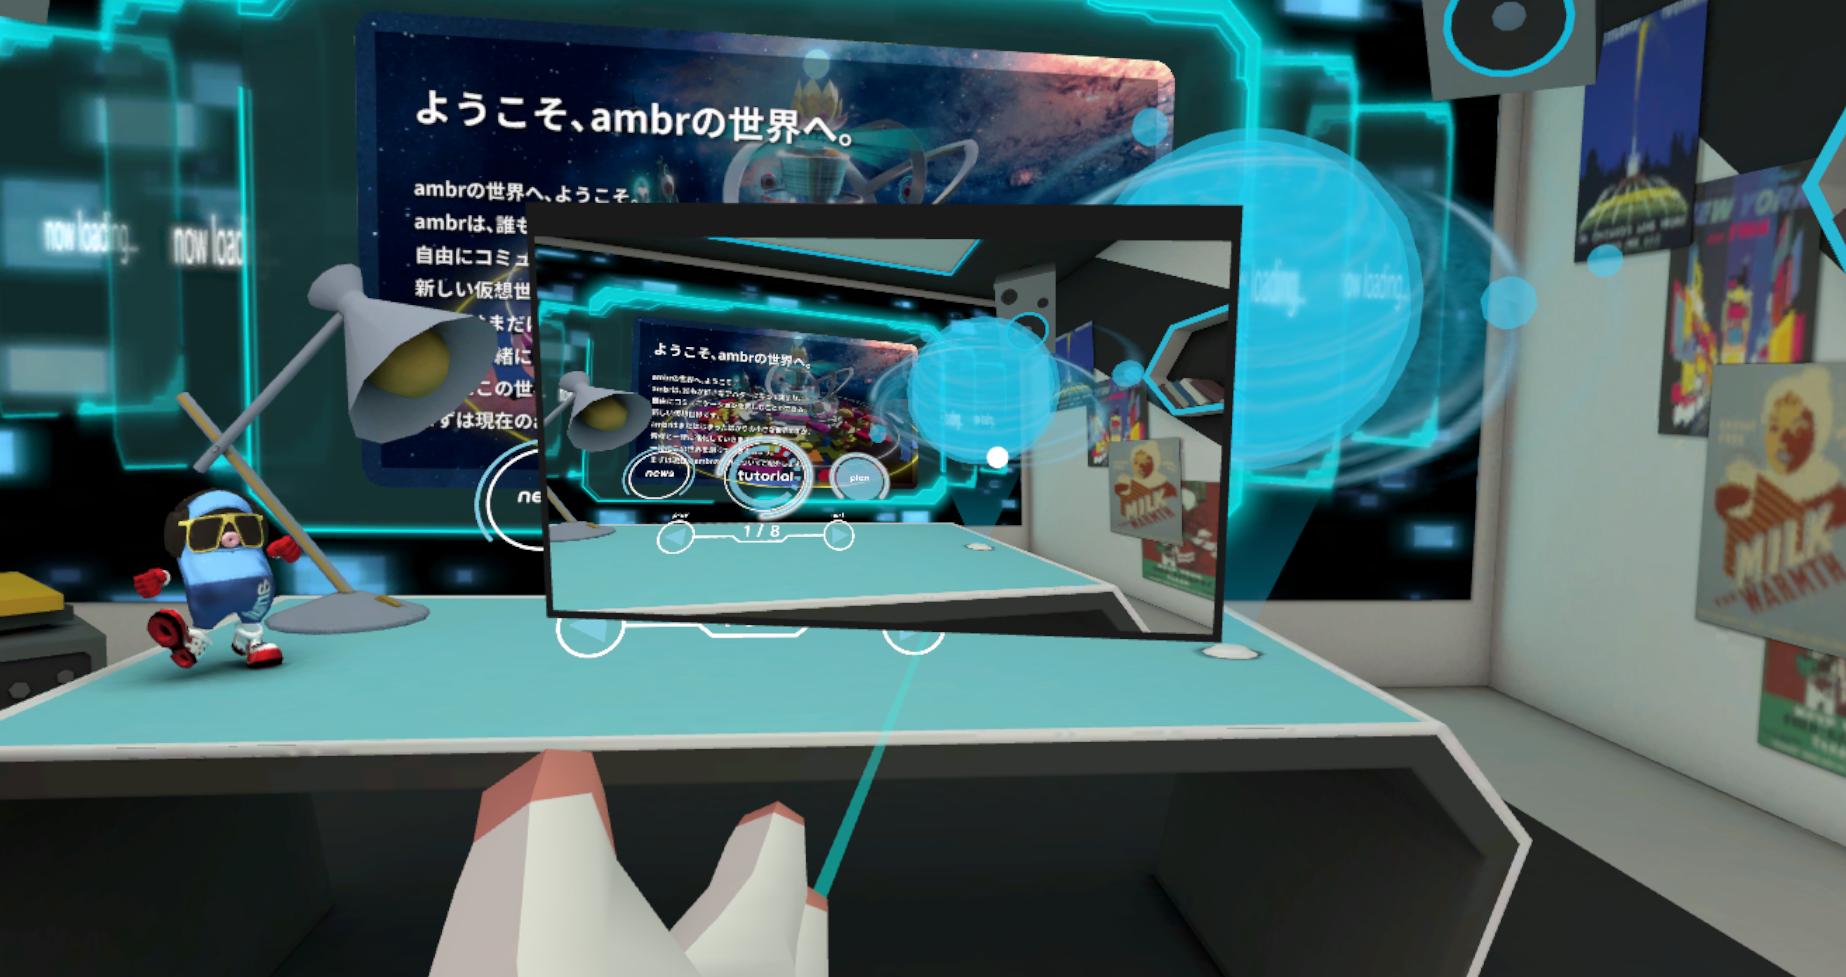 VR SNS【ambr】のメニュー説明7